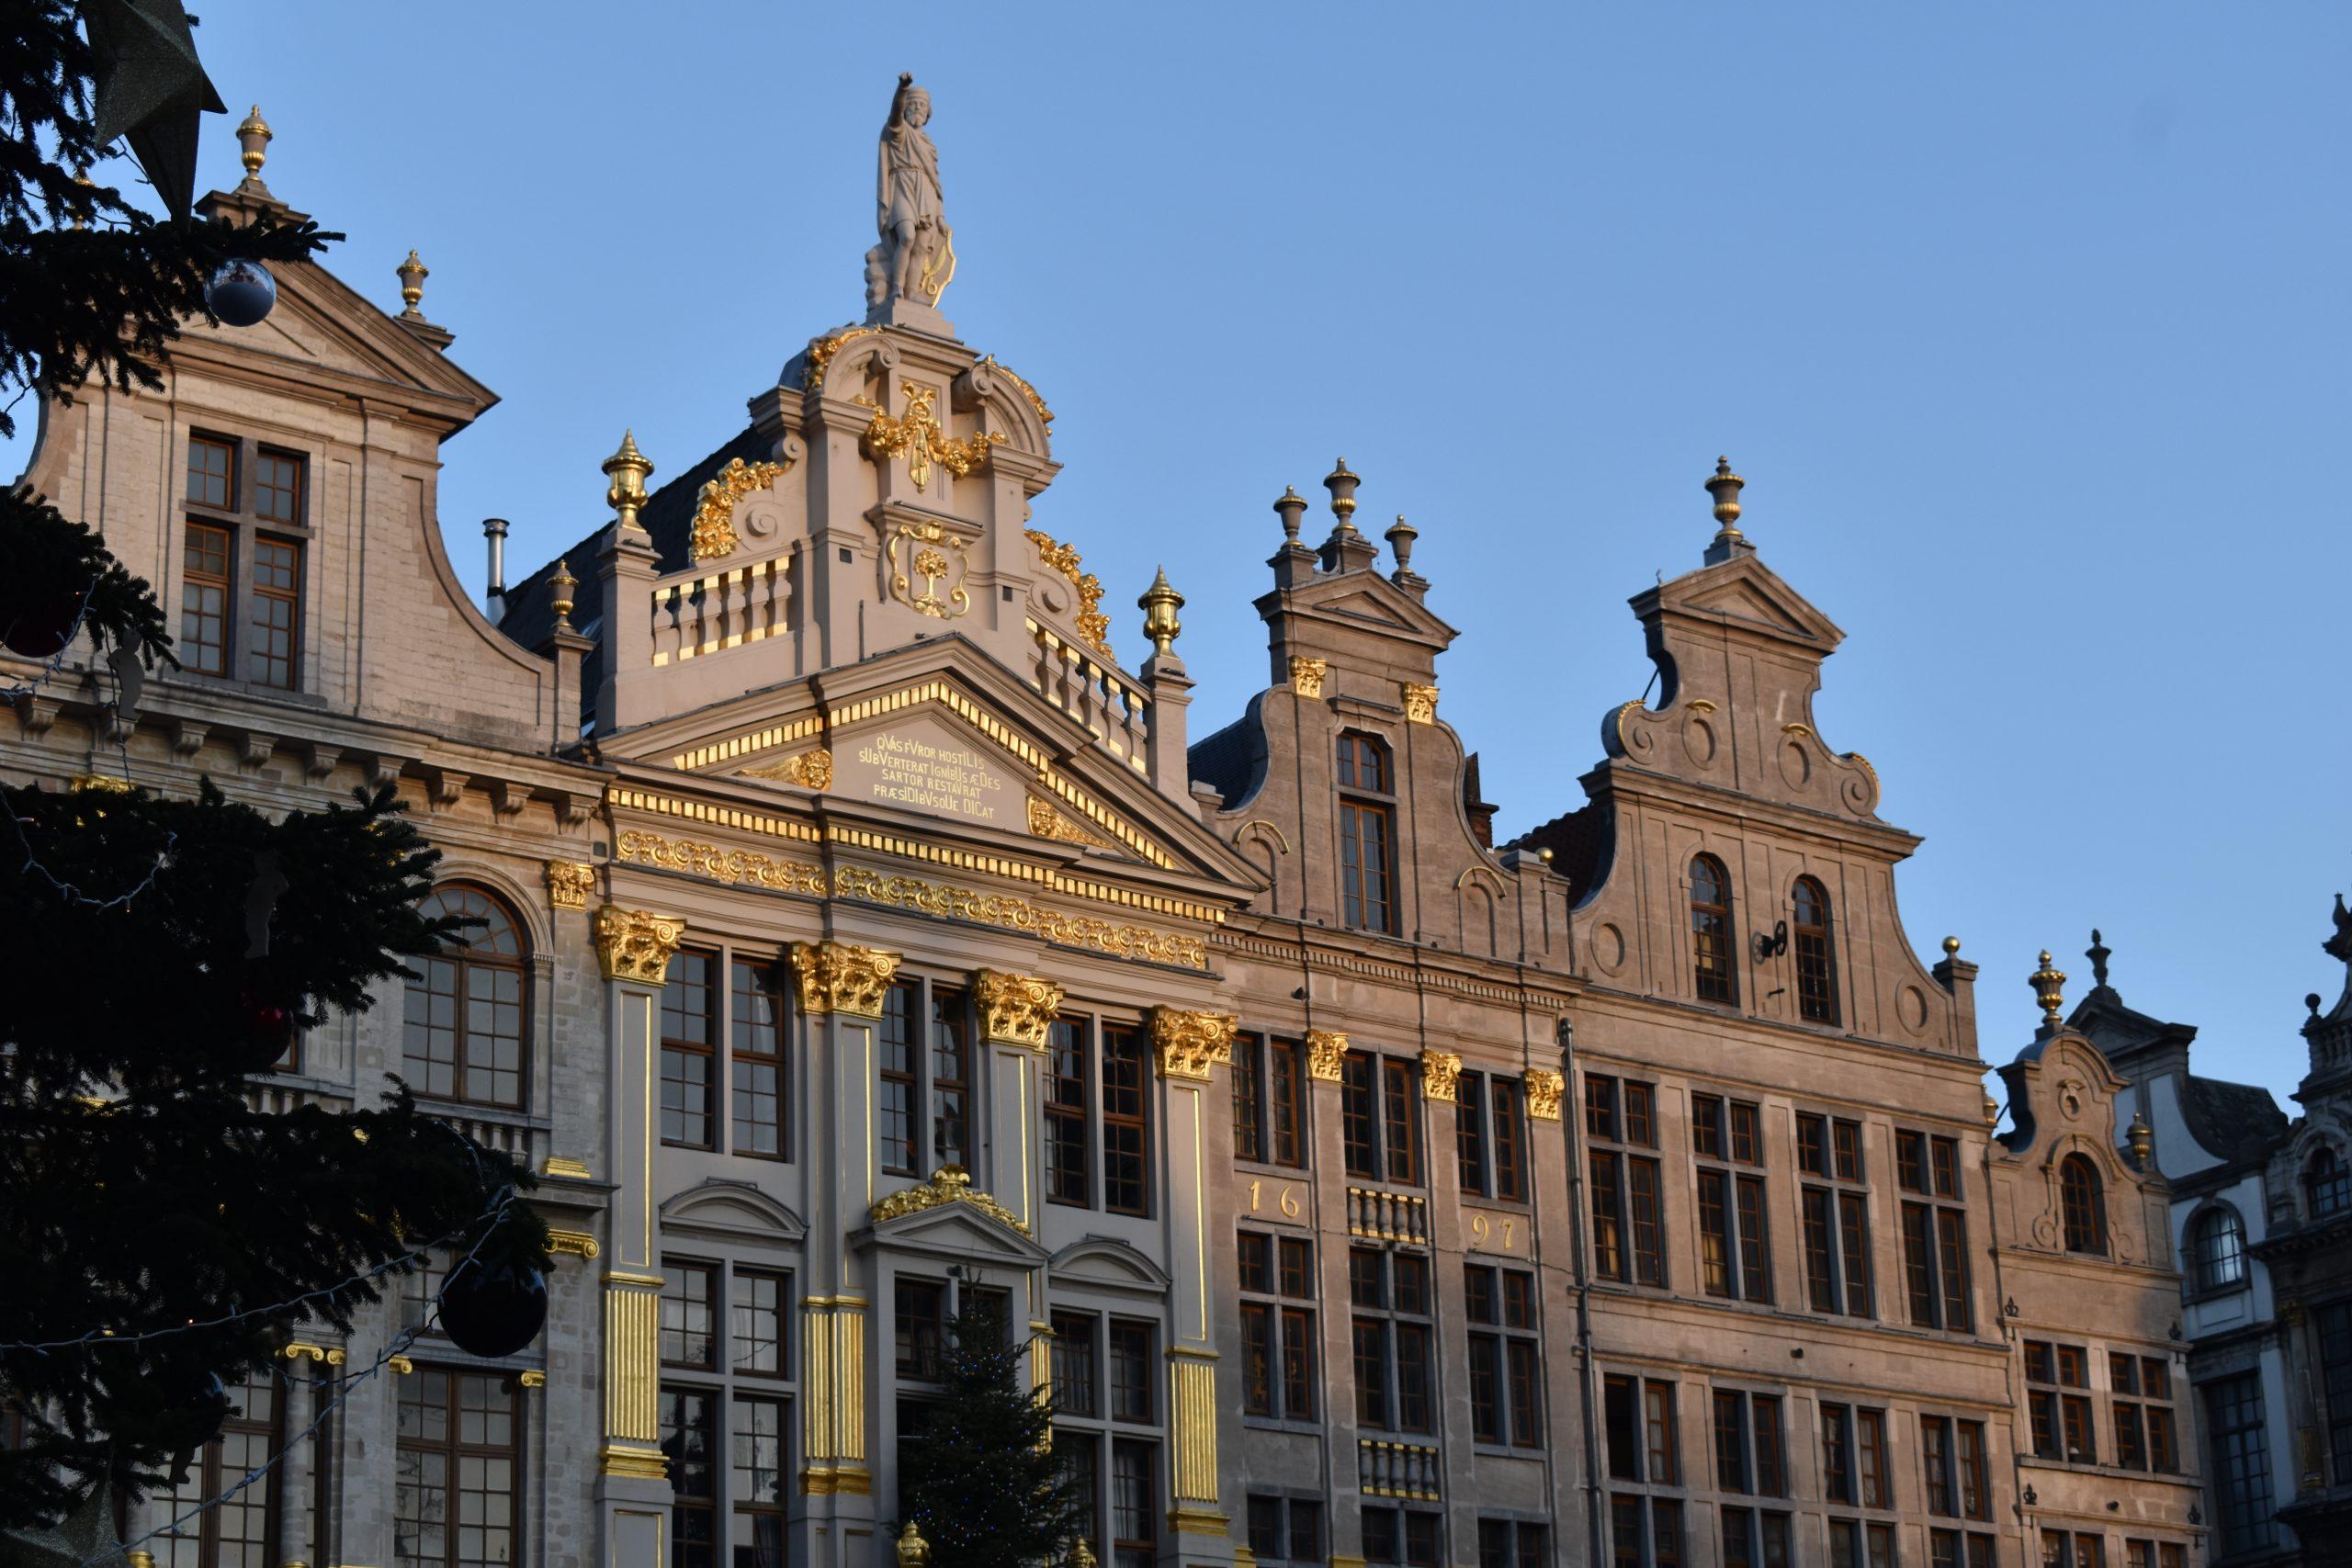 City guide: les incontournables à visiter lors d'un voyage à Bruxelles